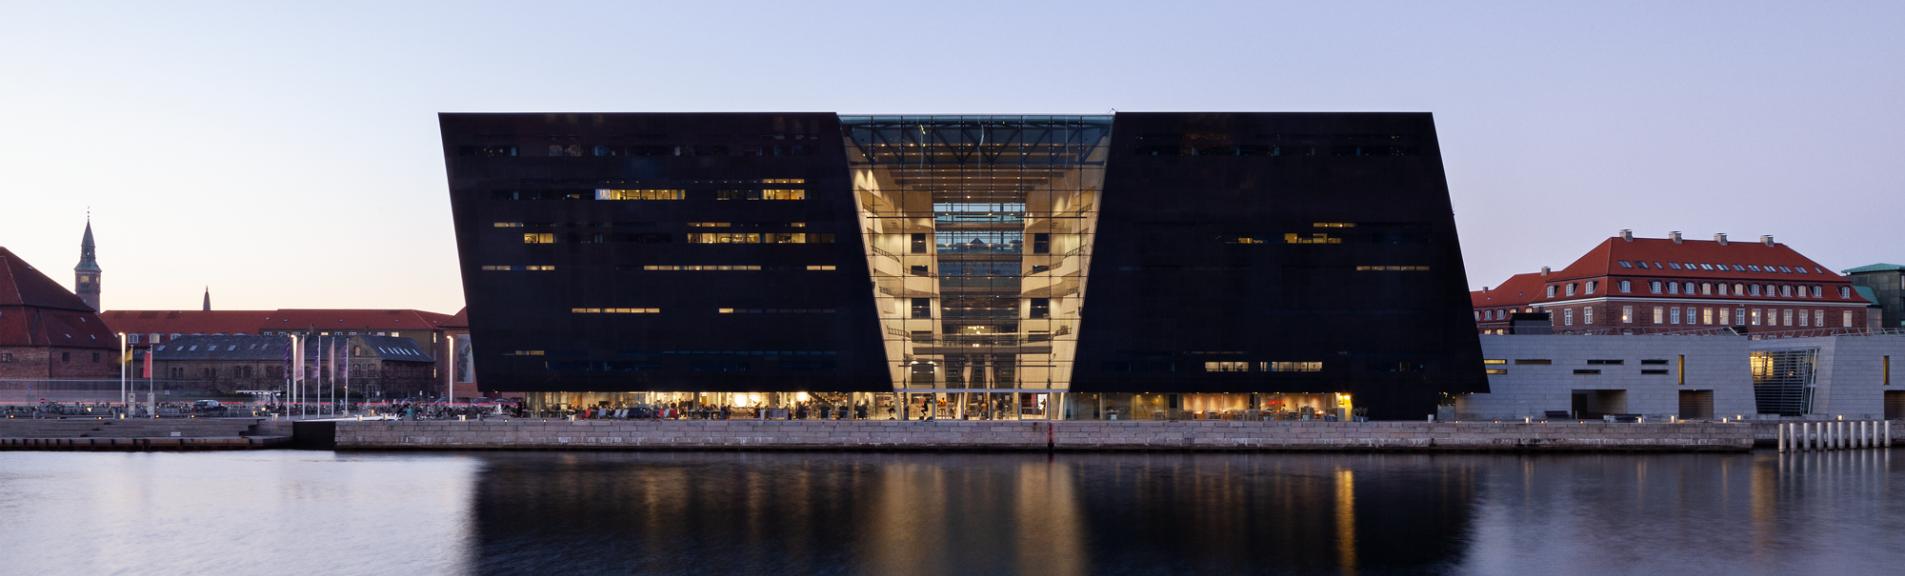 Den Sorte Diamant, København. Aftenbillede over kanalen